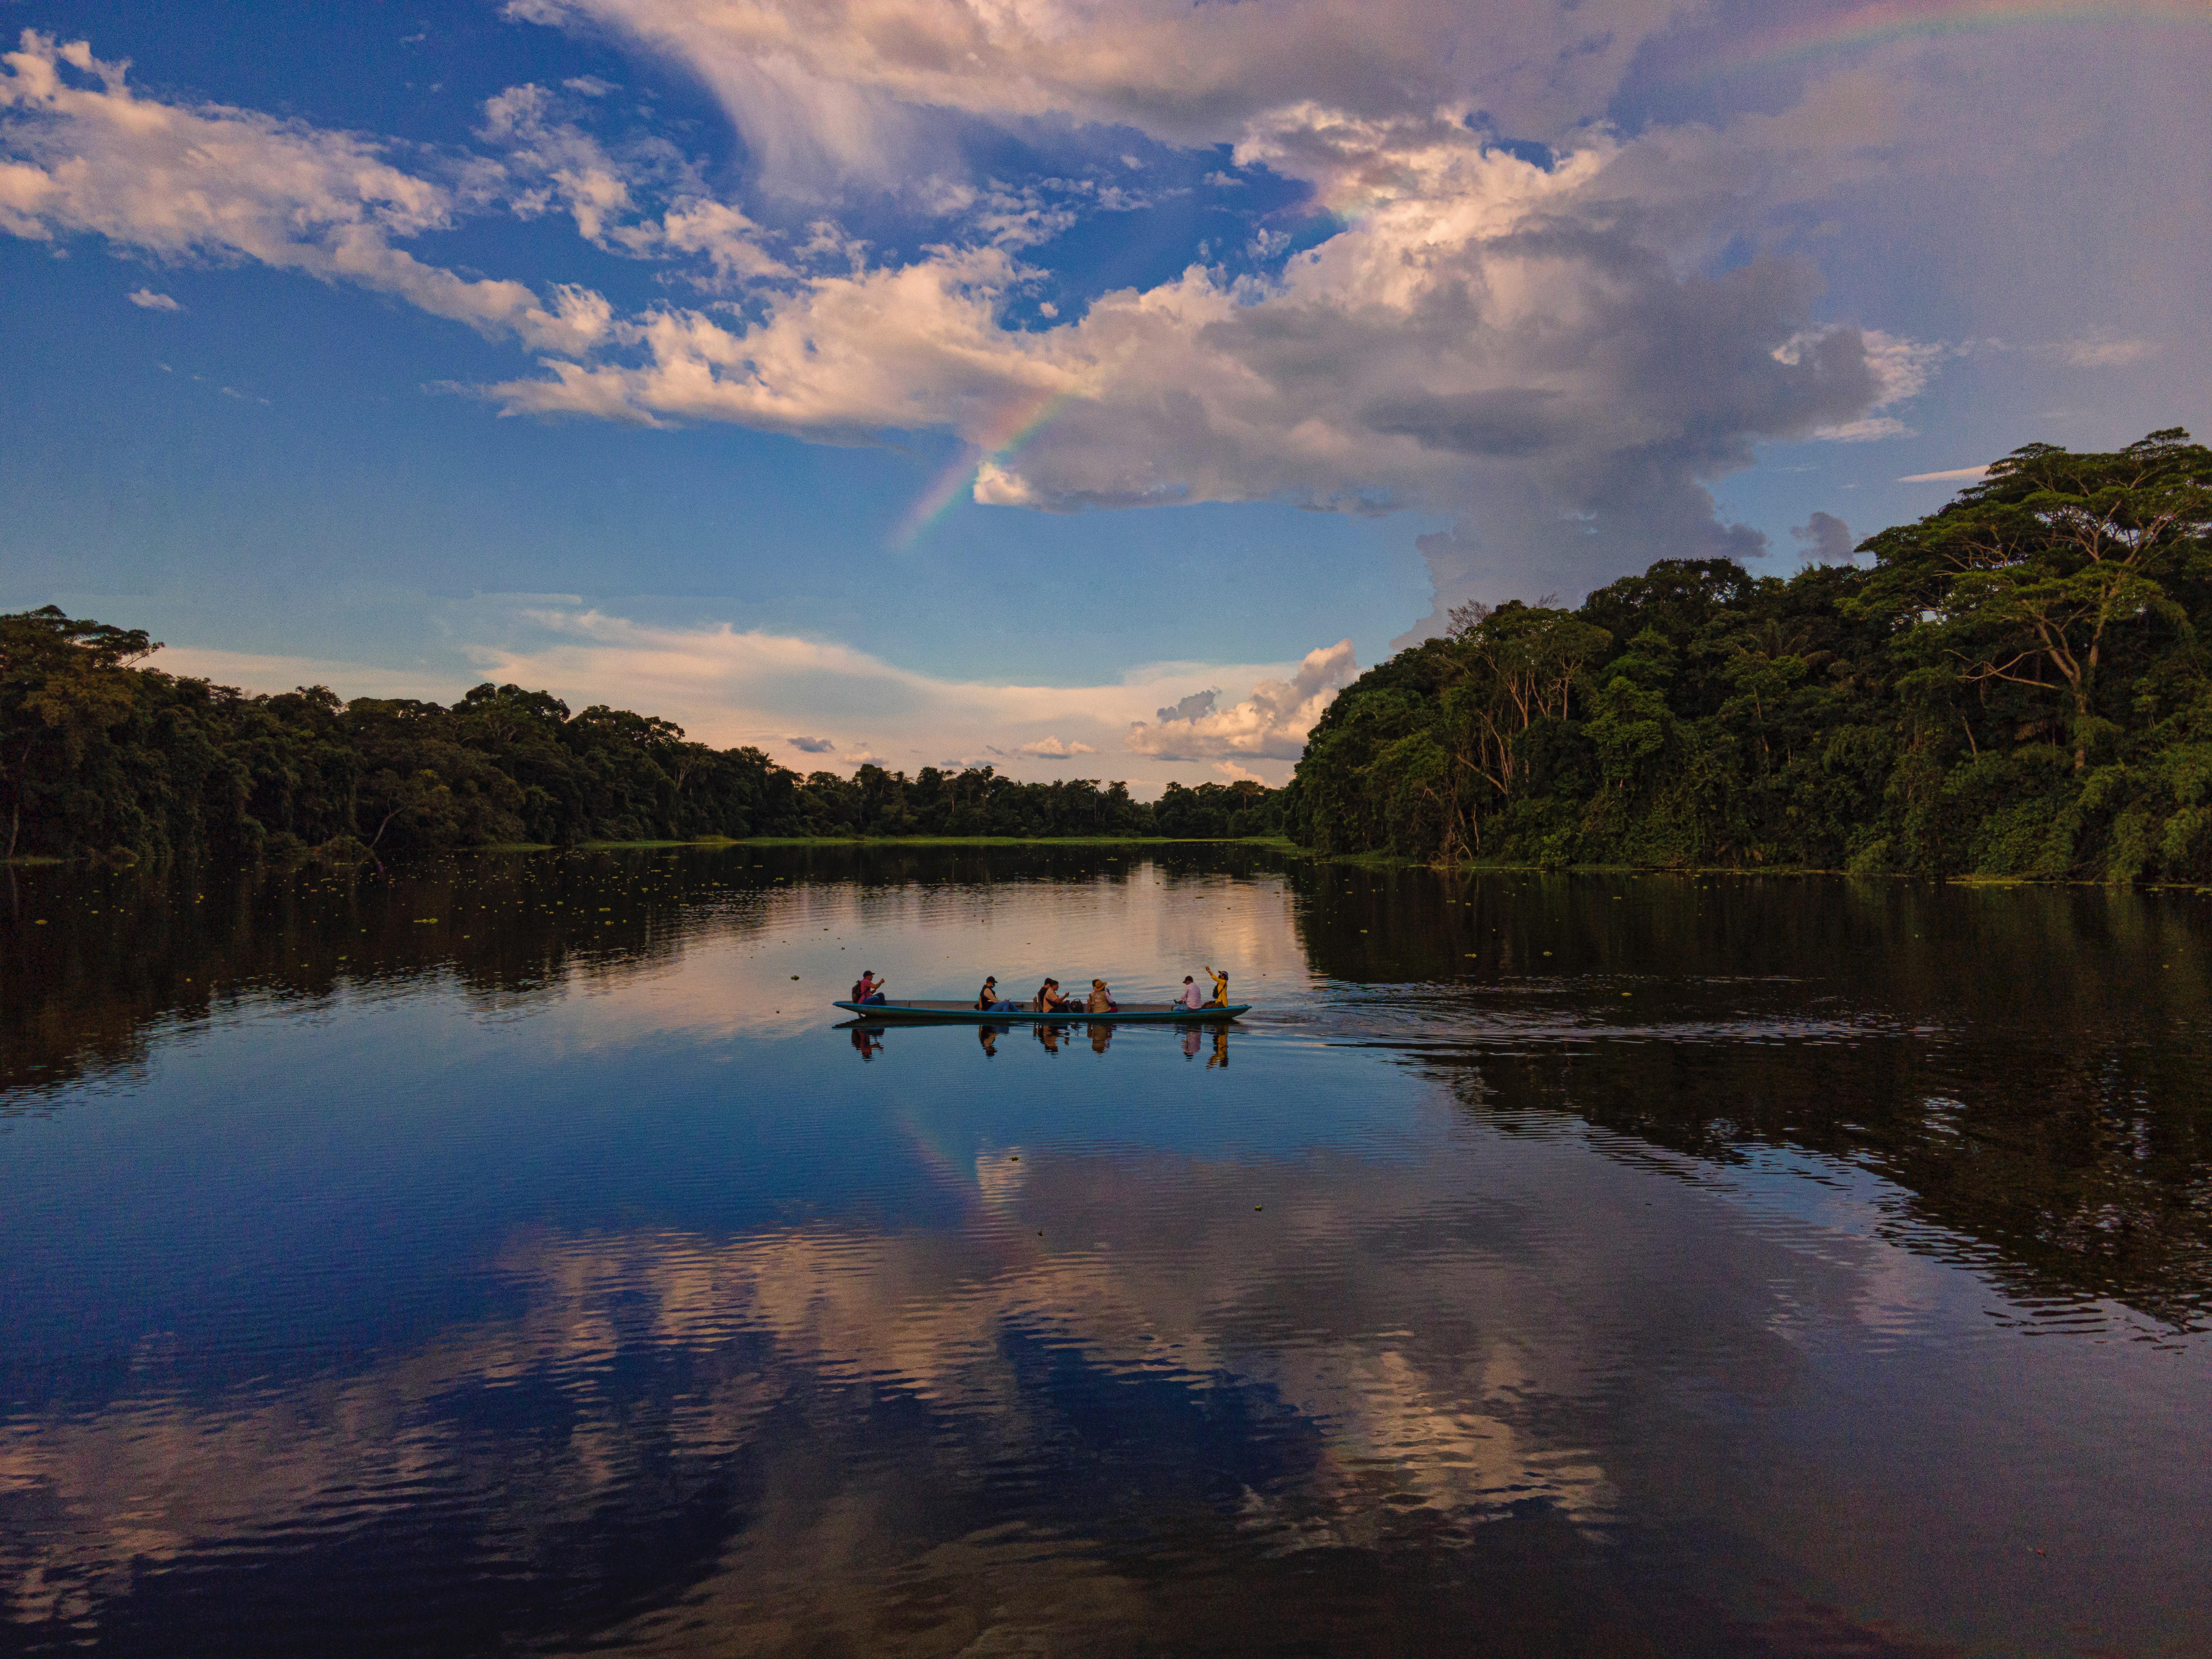 A política ambiental do Governo Bolsonaro: do início às consequências